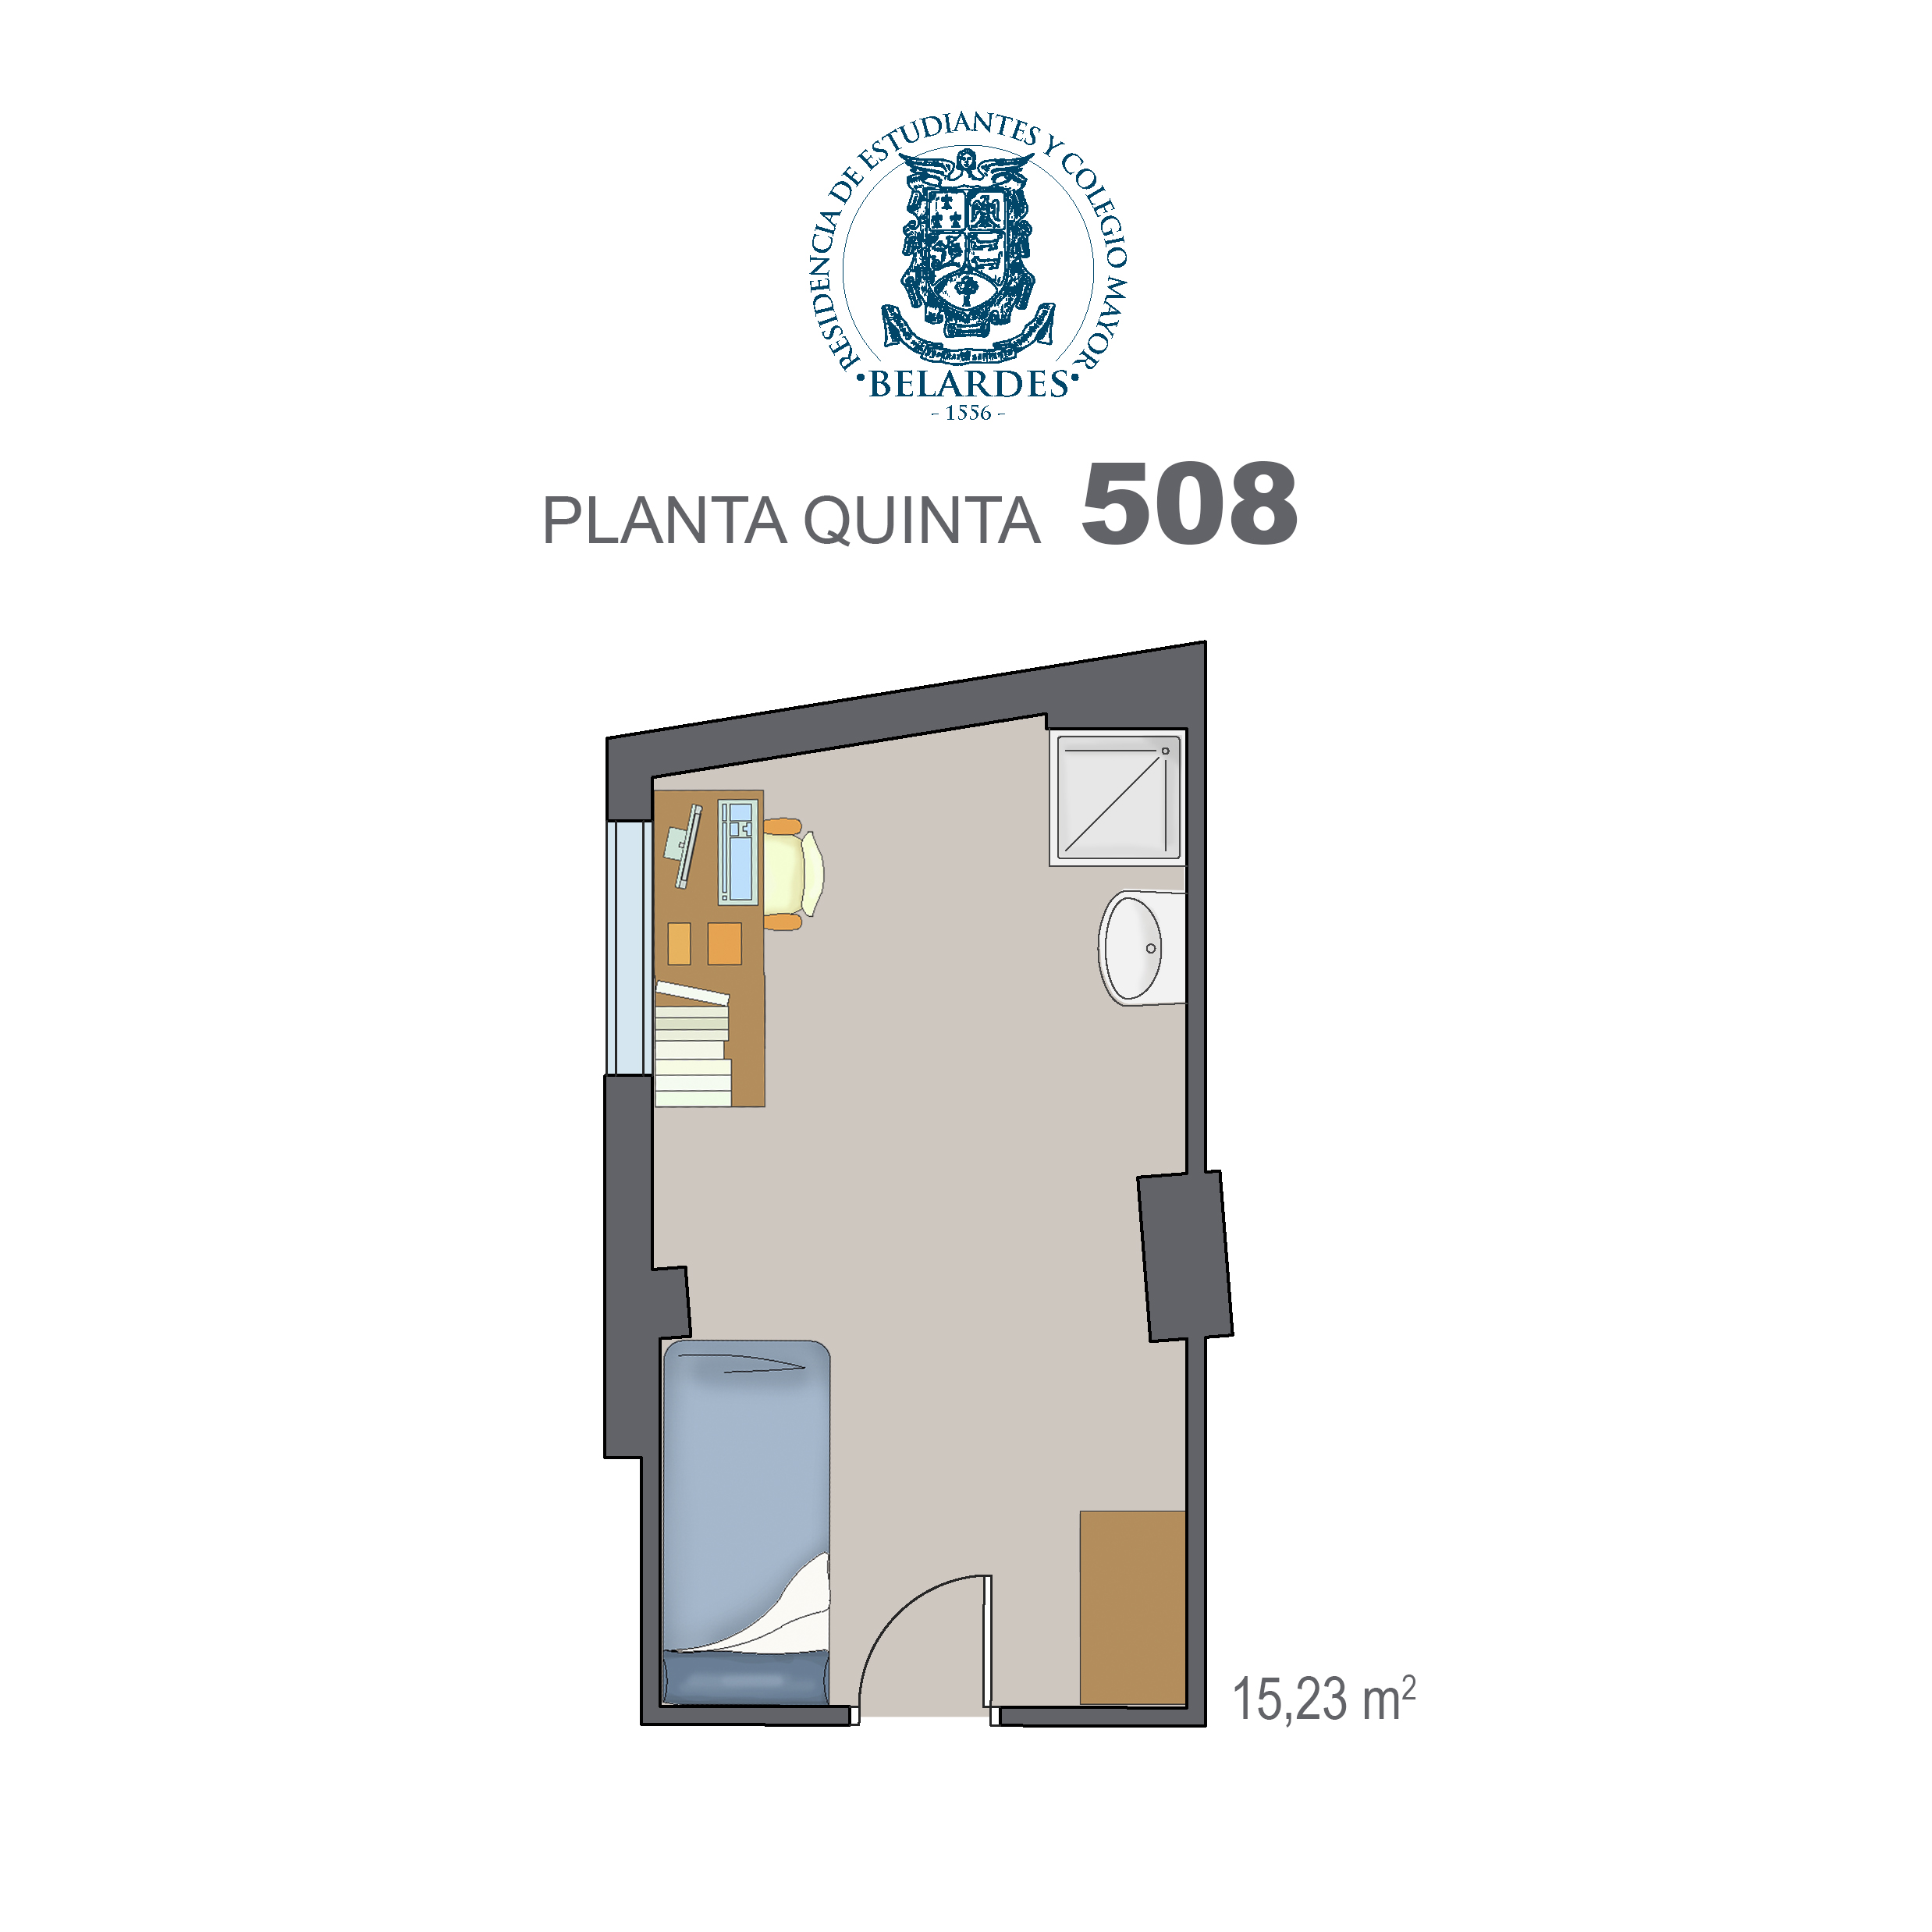 quinta 508